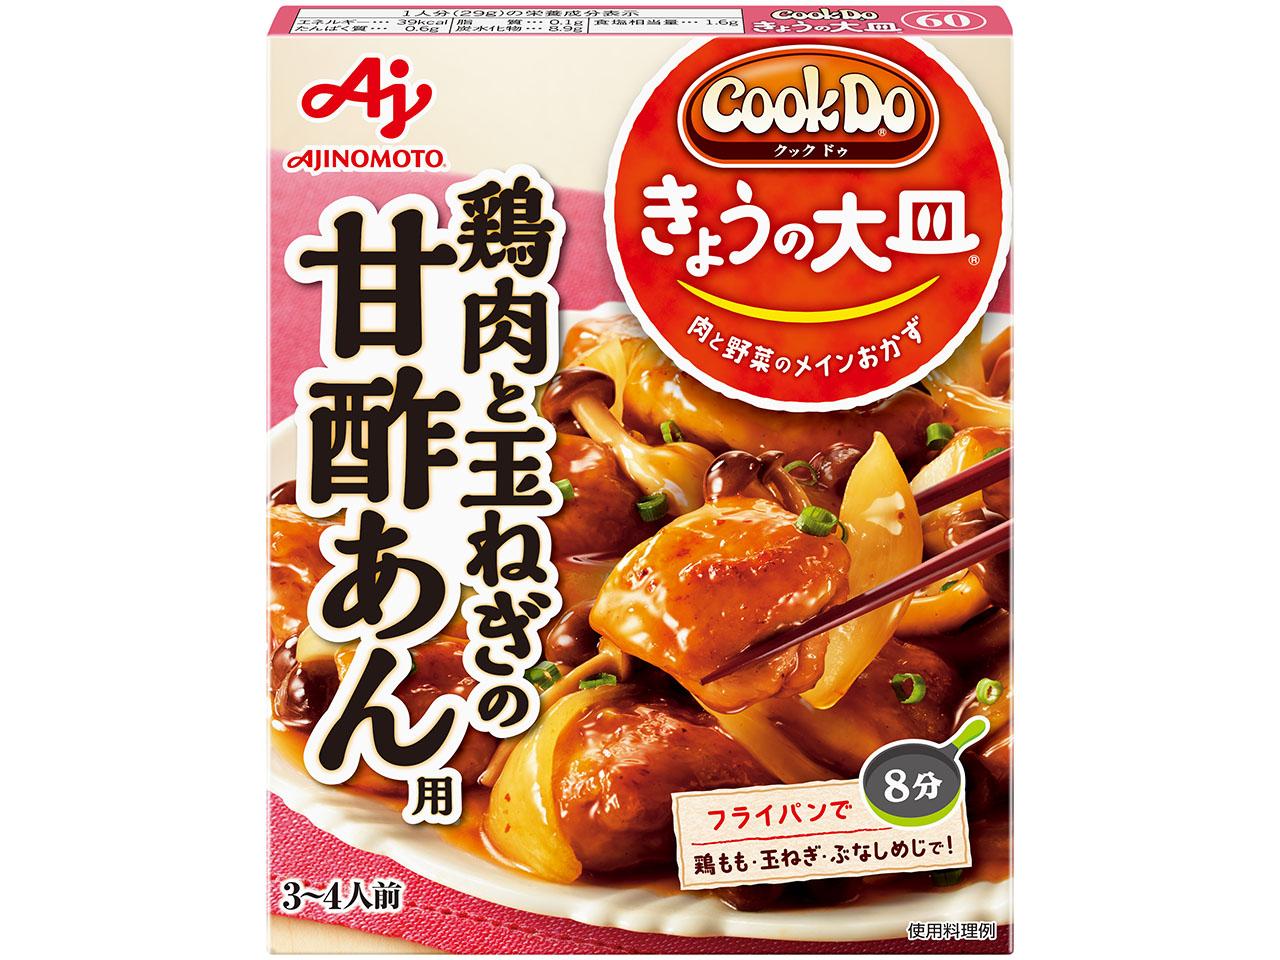 「Cook Doきょうの大皿」鶏肉と玉ねぎの甘酢あん用